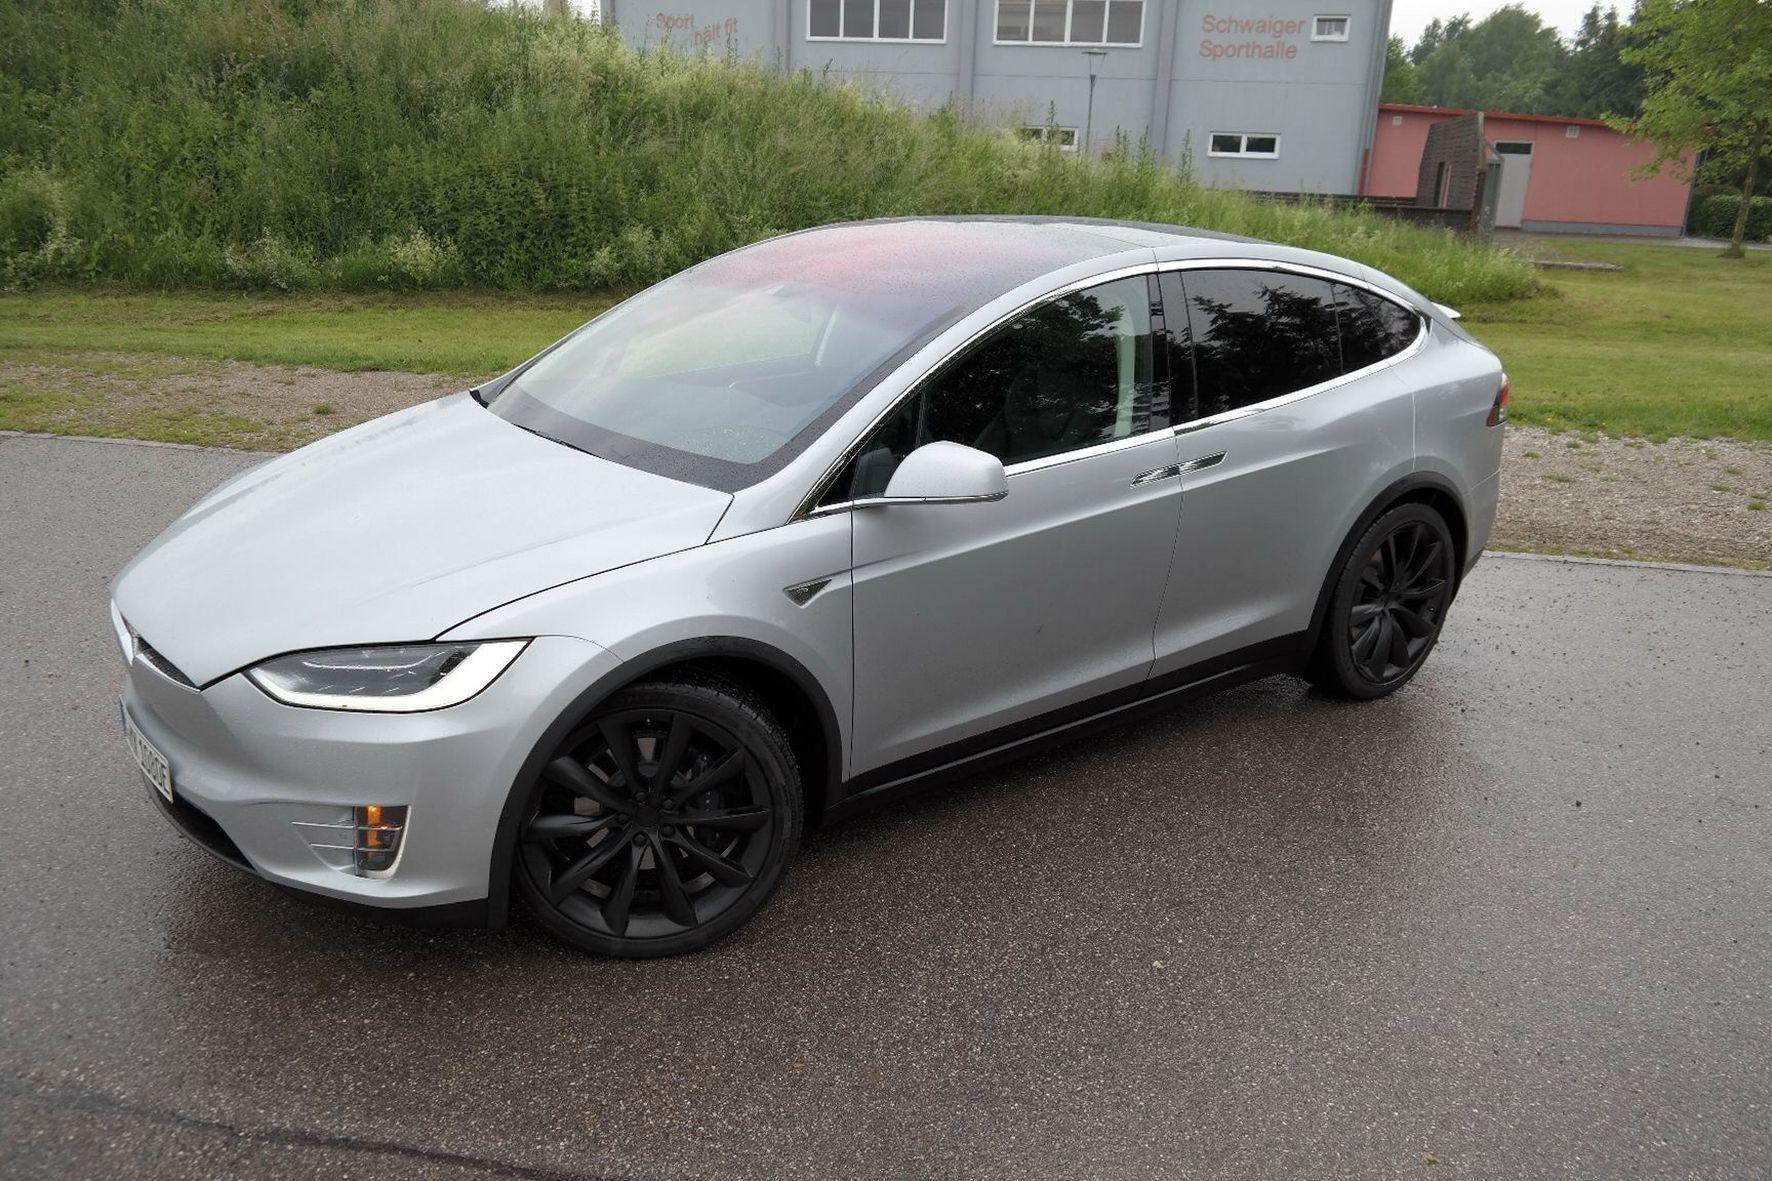 mid München - Wirkt wie eine Mischung aus SUV, Van und Coupé: Der Tesla Model X rollt mit elektrischem Allradantrieb, viel Platz und hoher Reichweite an.